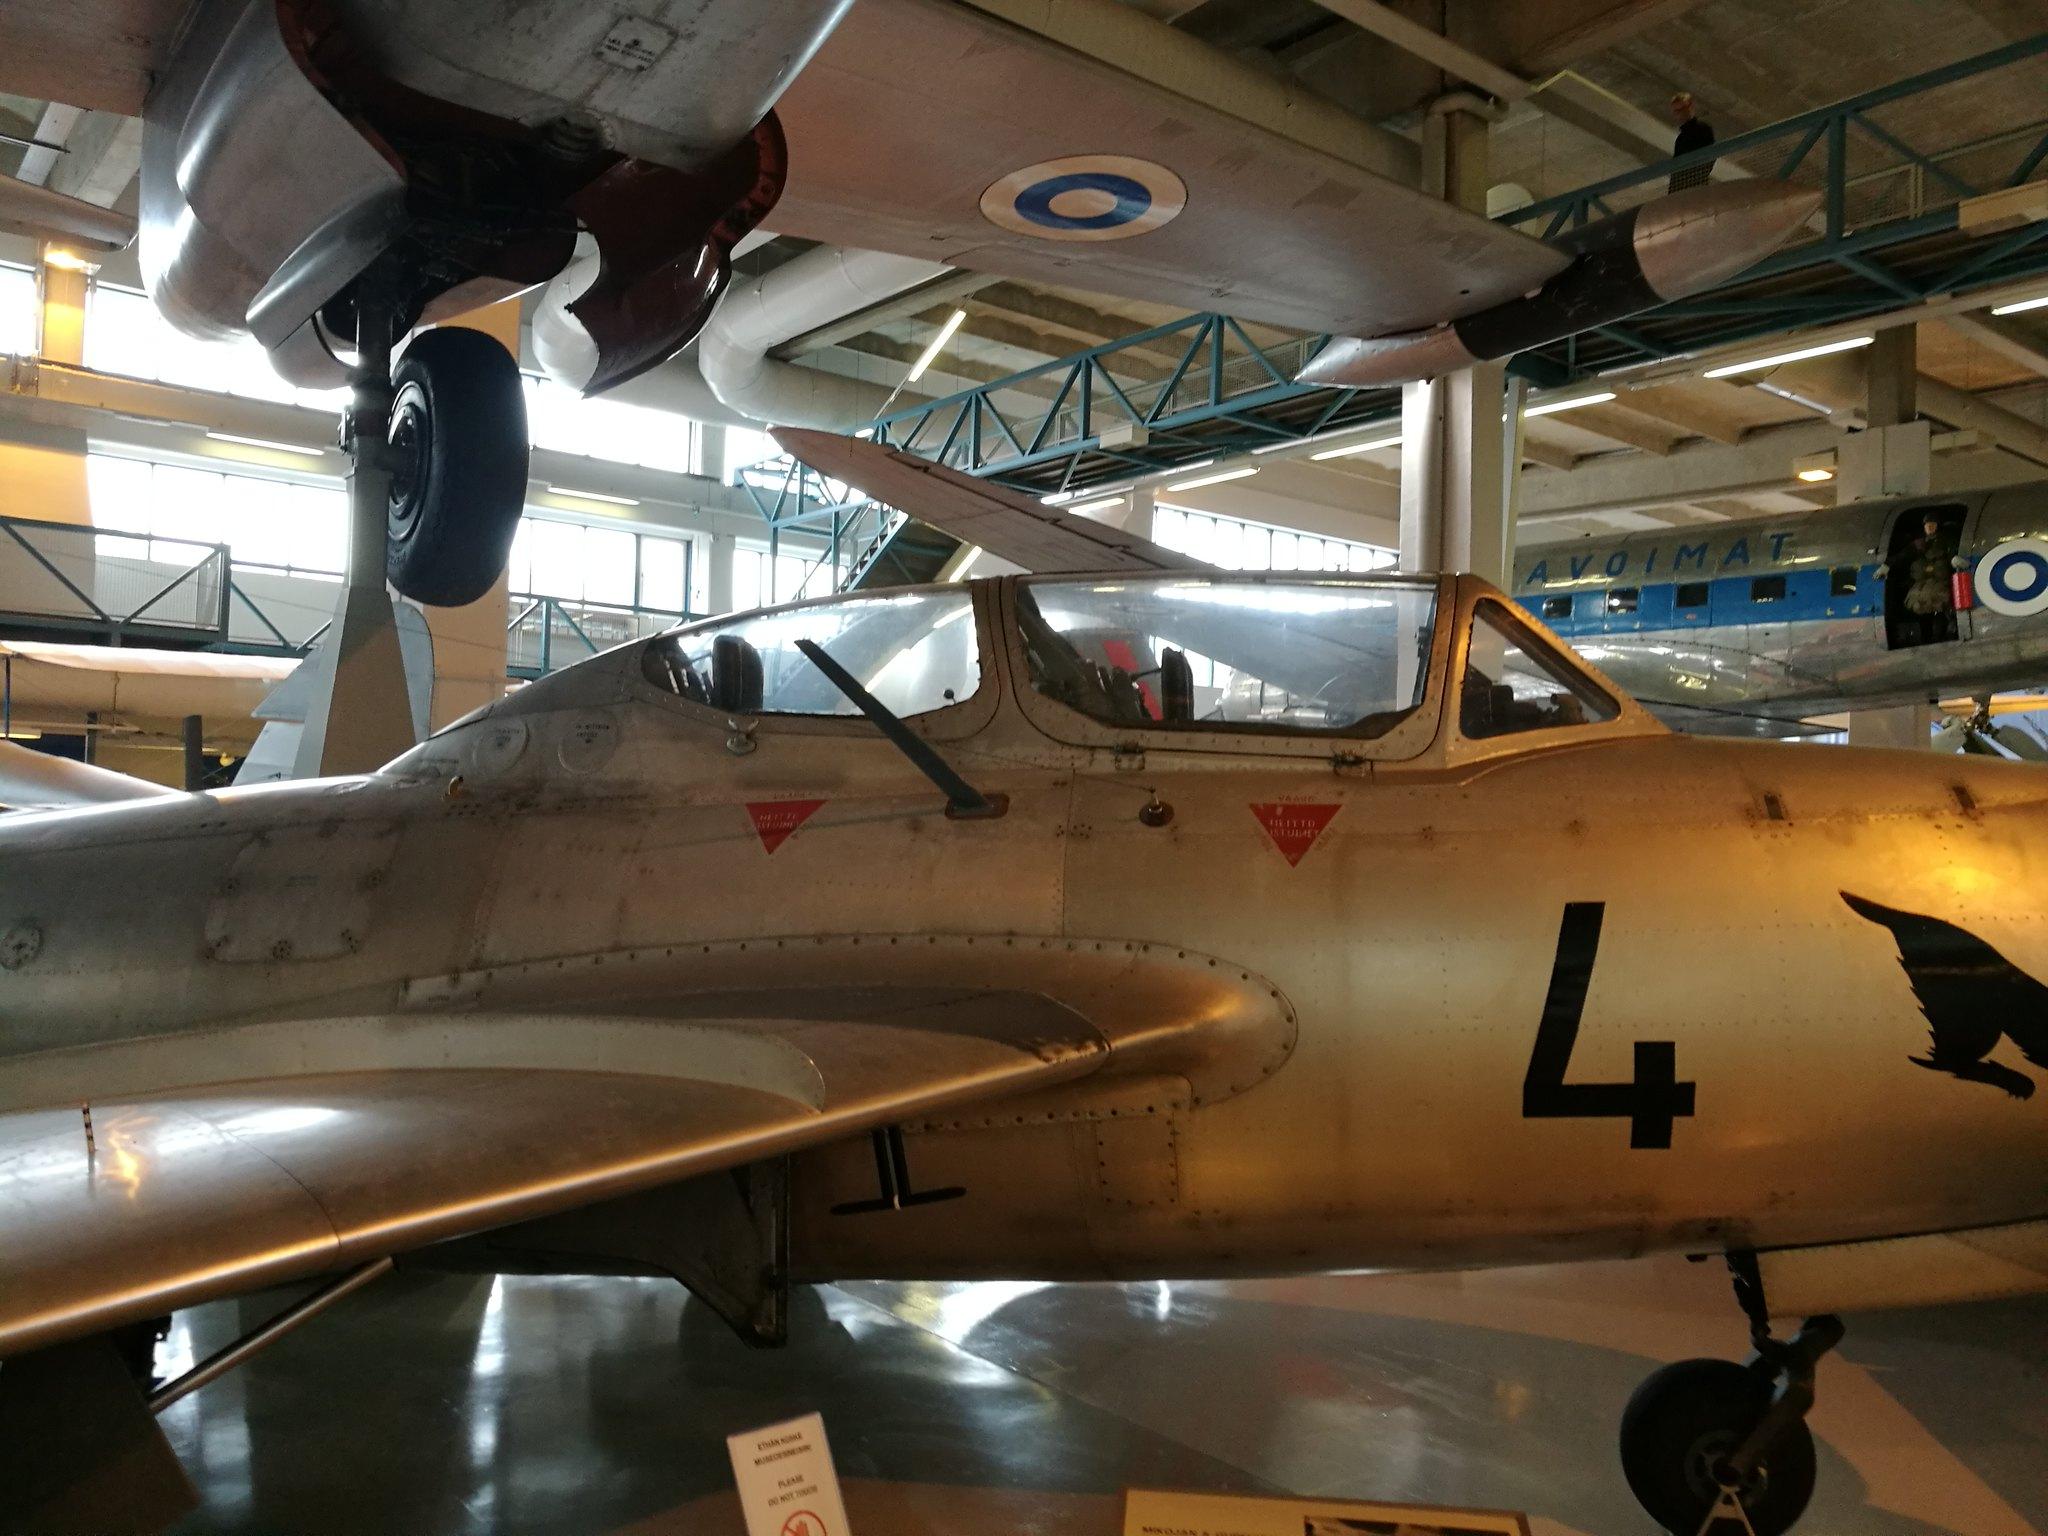 Hemkommen från semester i Finland med utflykt till Finlands Flygvapenmuseum. 48287370676_63e4c28233_k